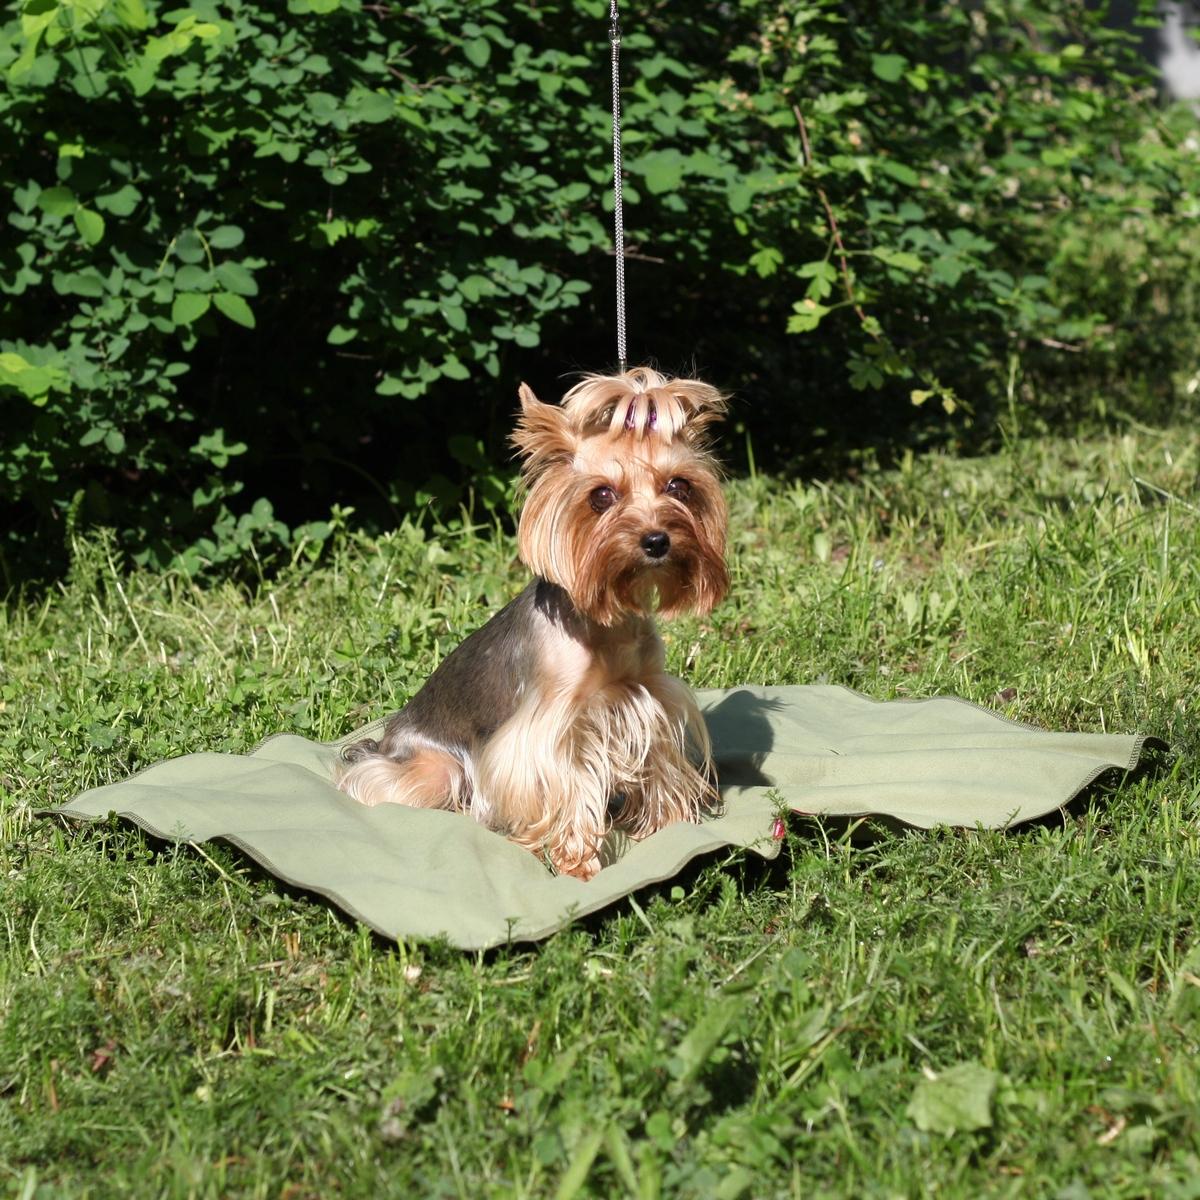 Коврик для собак Osso Fashion, охлаждающий, цвет: оливковый, 50 х 70 смО-1018Охлаждающий коврик Osso Fashion из ткани ССТ (COOL COMFORT TECHNOLOGY) помогает собакам легче переносить жару, делает более комфортным их пребывание в душной квартире, в транспорте и на выставках.Охлаждающий коврик можно постелить на пол или на лежанку, где собаке будет комфортно проводить время жарким летним днем. Также его можно использовать как покрывало, которое защитит от жары и вас, и вашего питомца. Охлаждающее изделие Osso Fashion сшиты из инновационной ткани ССТ (COOL COMFORT TECHNOLOGY), которая создает персональную зону охлаждения и обеспечивает комфортную терморегуляцию на длительное время. Охлаждение ткани обеспечивается за счет уникальной структуры переплетения волокон, создающих капиллярные сети повышенной плотности. Серебросодержащее волокно X-Static, входящее в состав ткани, придает ей антистатические и антимикробные свойства. Длительное использование и многократные стирки не влияют на охлаждающие свойства ткани. В отличие от охлаждающих тканей предыдущего поколения, эта ткань не имеет химической пропитки и не содержит охлаждающих гелей.При активации изделия (встряхивании) происходит максимальное охлаждение за счет испарения воды. Однако - из-за уникальной комбинации волокон и их взаимодействия между собой - испарение и потеря влаги происходит медленно, поскольку одновременно идет мощное впитывание паров и водоотведение.Чтобы активировать охлаждающее действие изделия его нужно намочить, отжать и встряхнуть. Подходит вода из любого источника: из-под крана, дождевая, речная, морская, влага от потоотделения - они реактивируют охлаждающую функцию снова и снова.Охлаждающая подстилка для собак Osso Fashion подходит для маленьких, больших и средних собак.Размер коврика: 50 х 70 см.